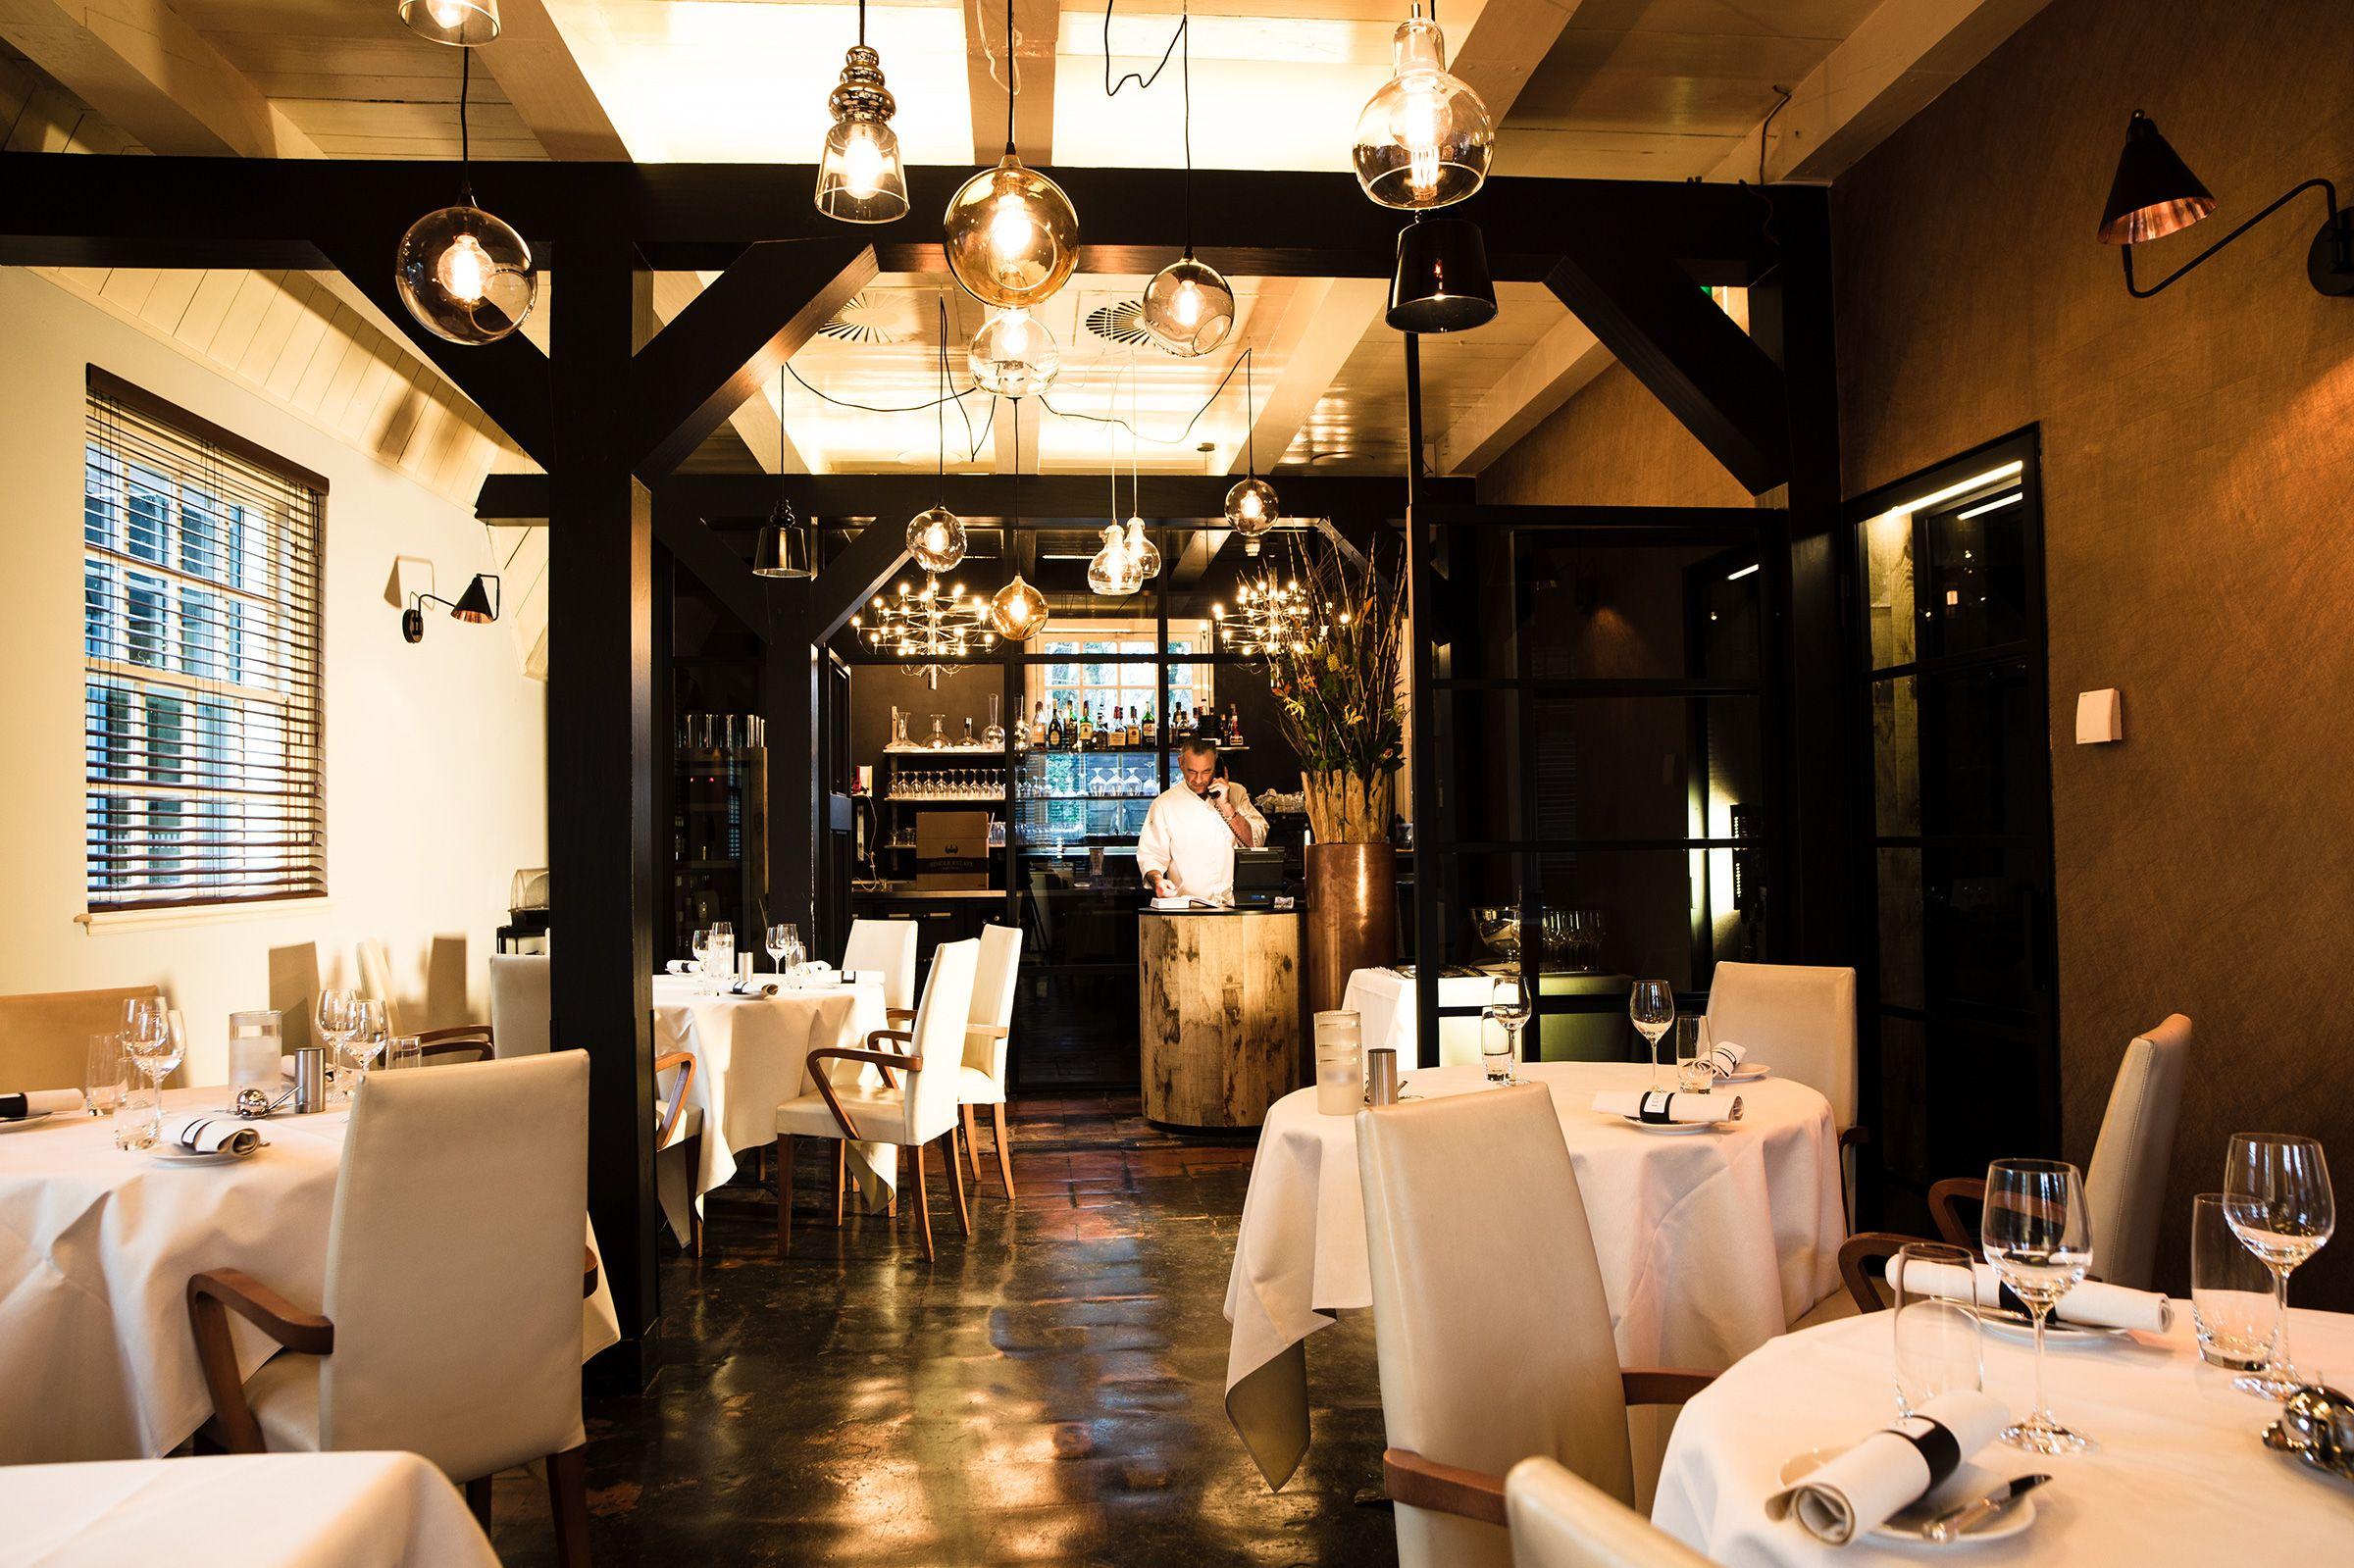 Romantisch Dineren In Een Romantische Eetkamer. Stunning Films Voor ...